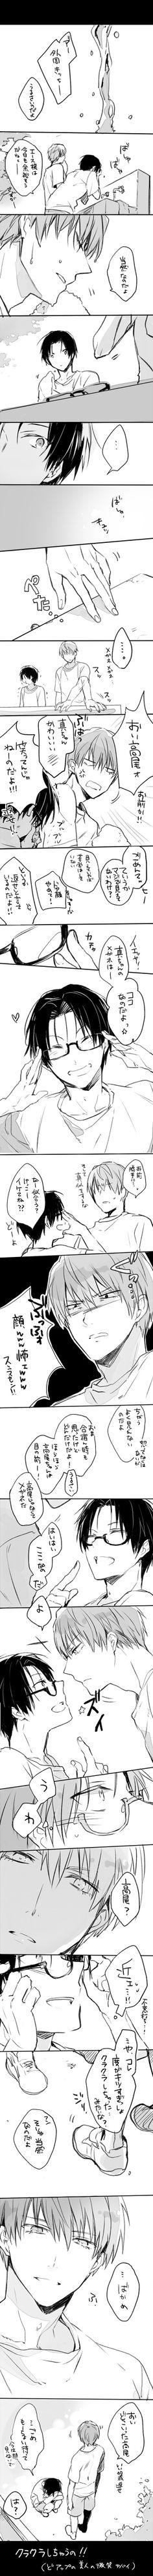 Tags: Anime, Black Akazome, Kuroko no Basket, Takao Kazunari, Midorima Shintarou